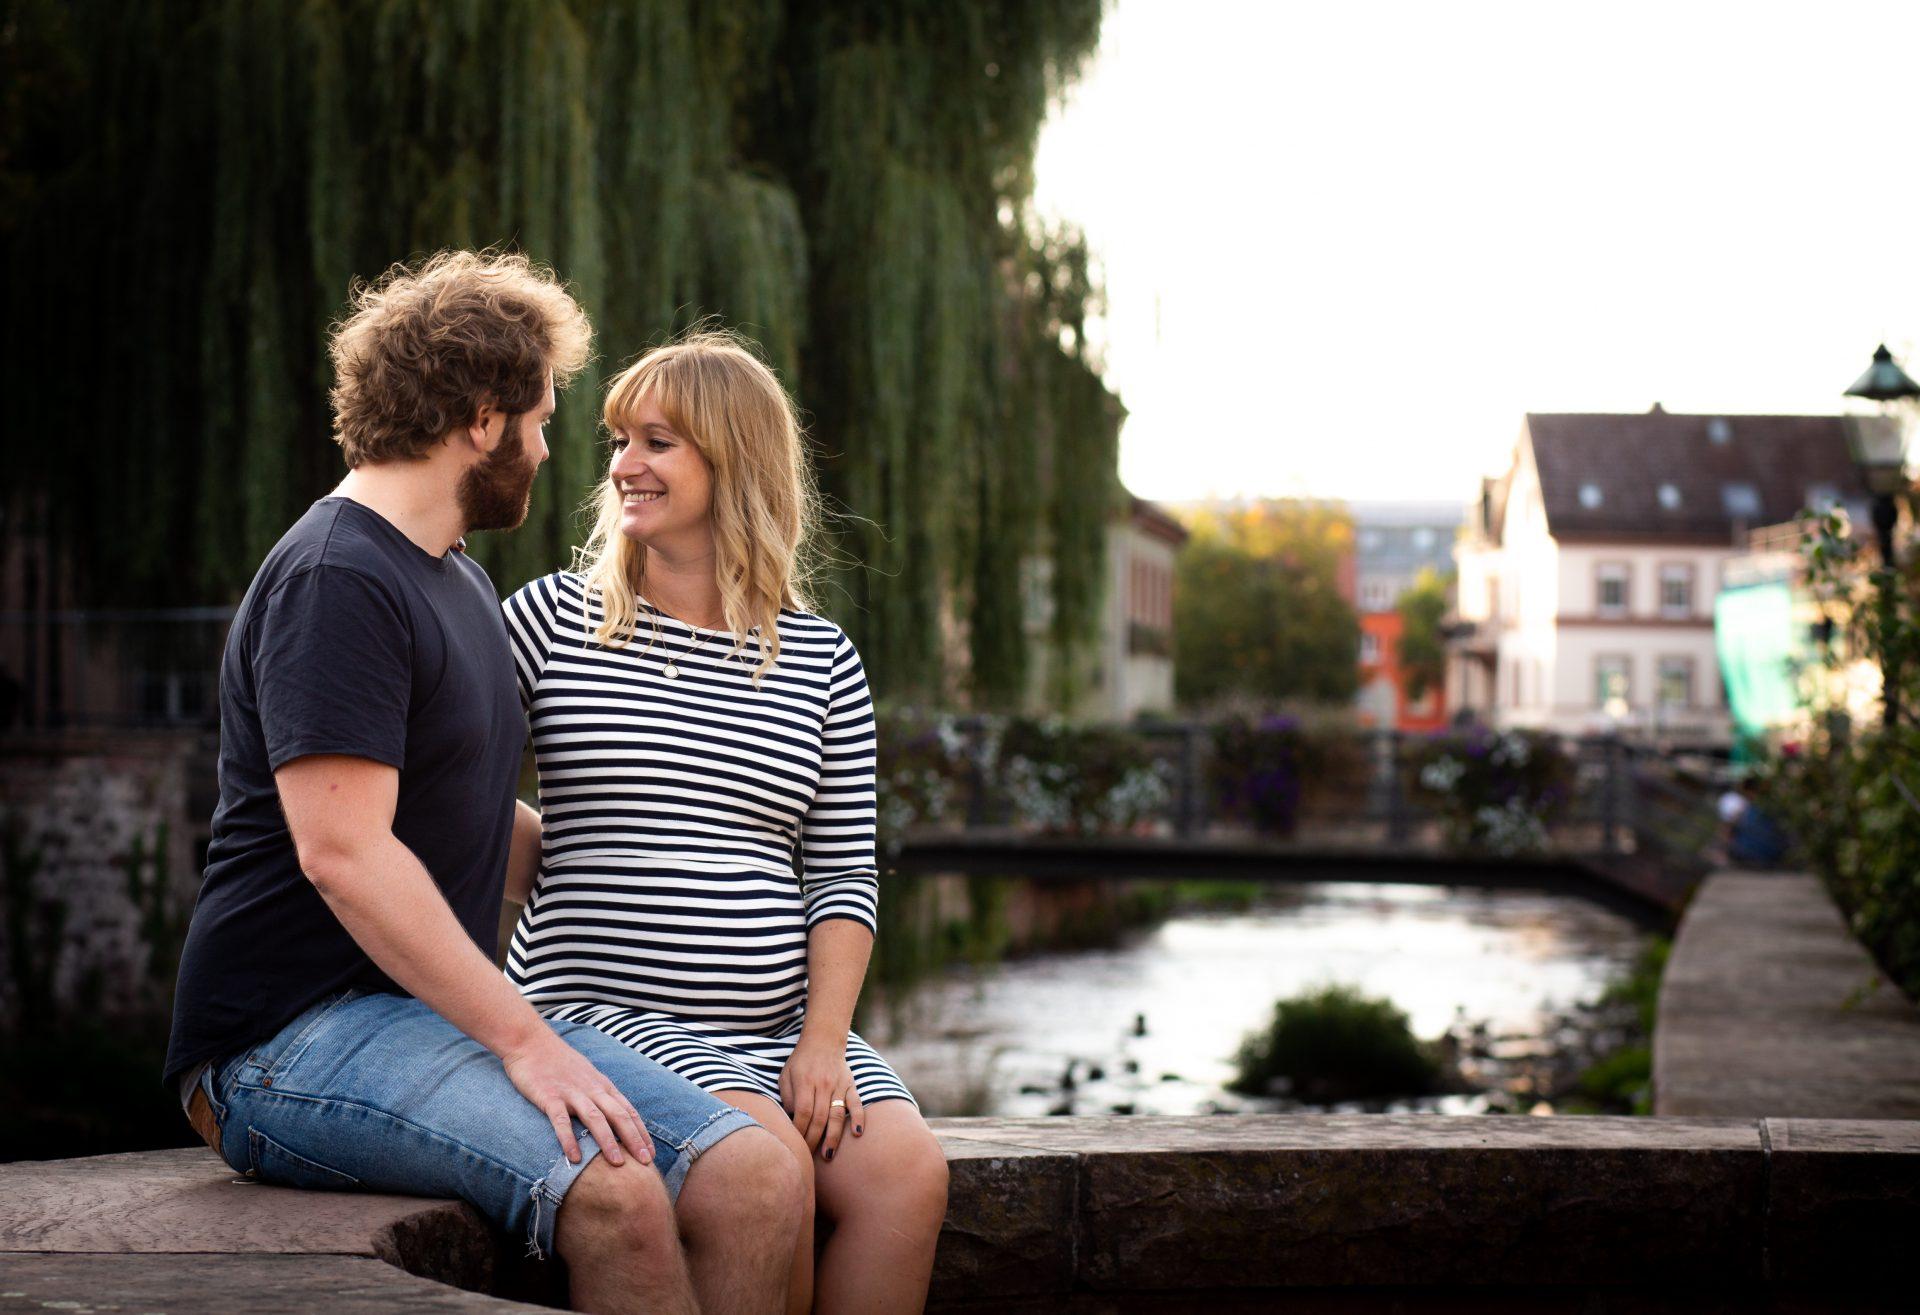 Paar Portrait in der Nachmittagssonne in Ettlingen - Fotografin Anja Schnell